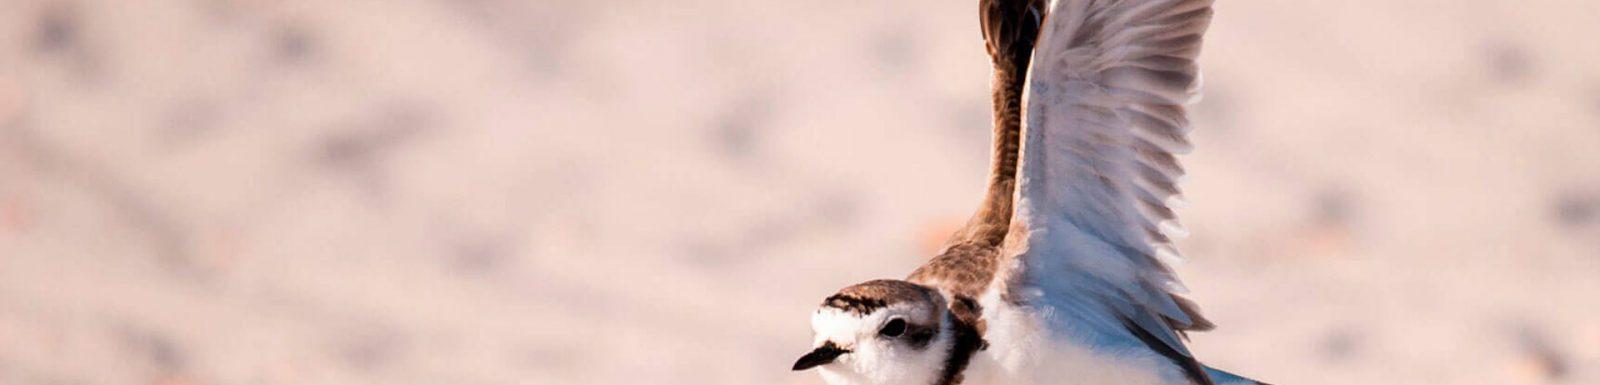 corriol-camanegre-ales-obertes